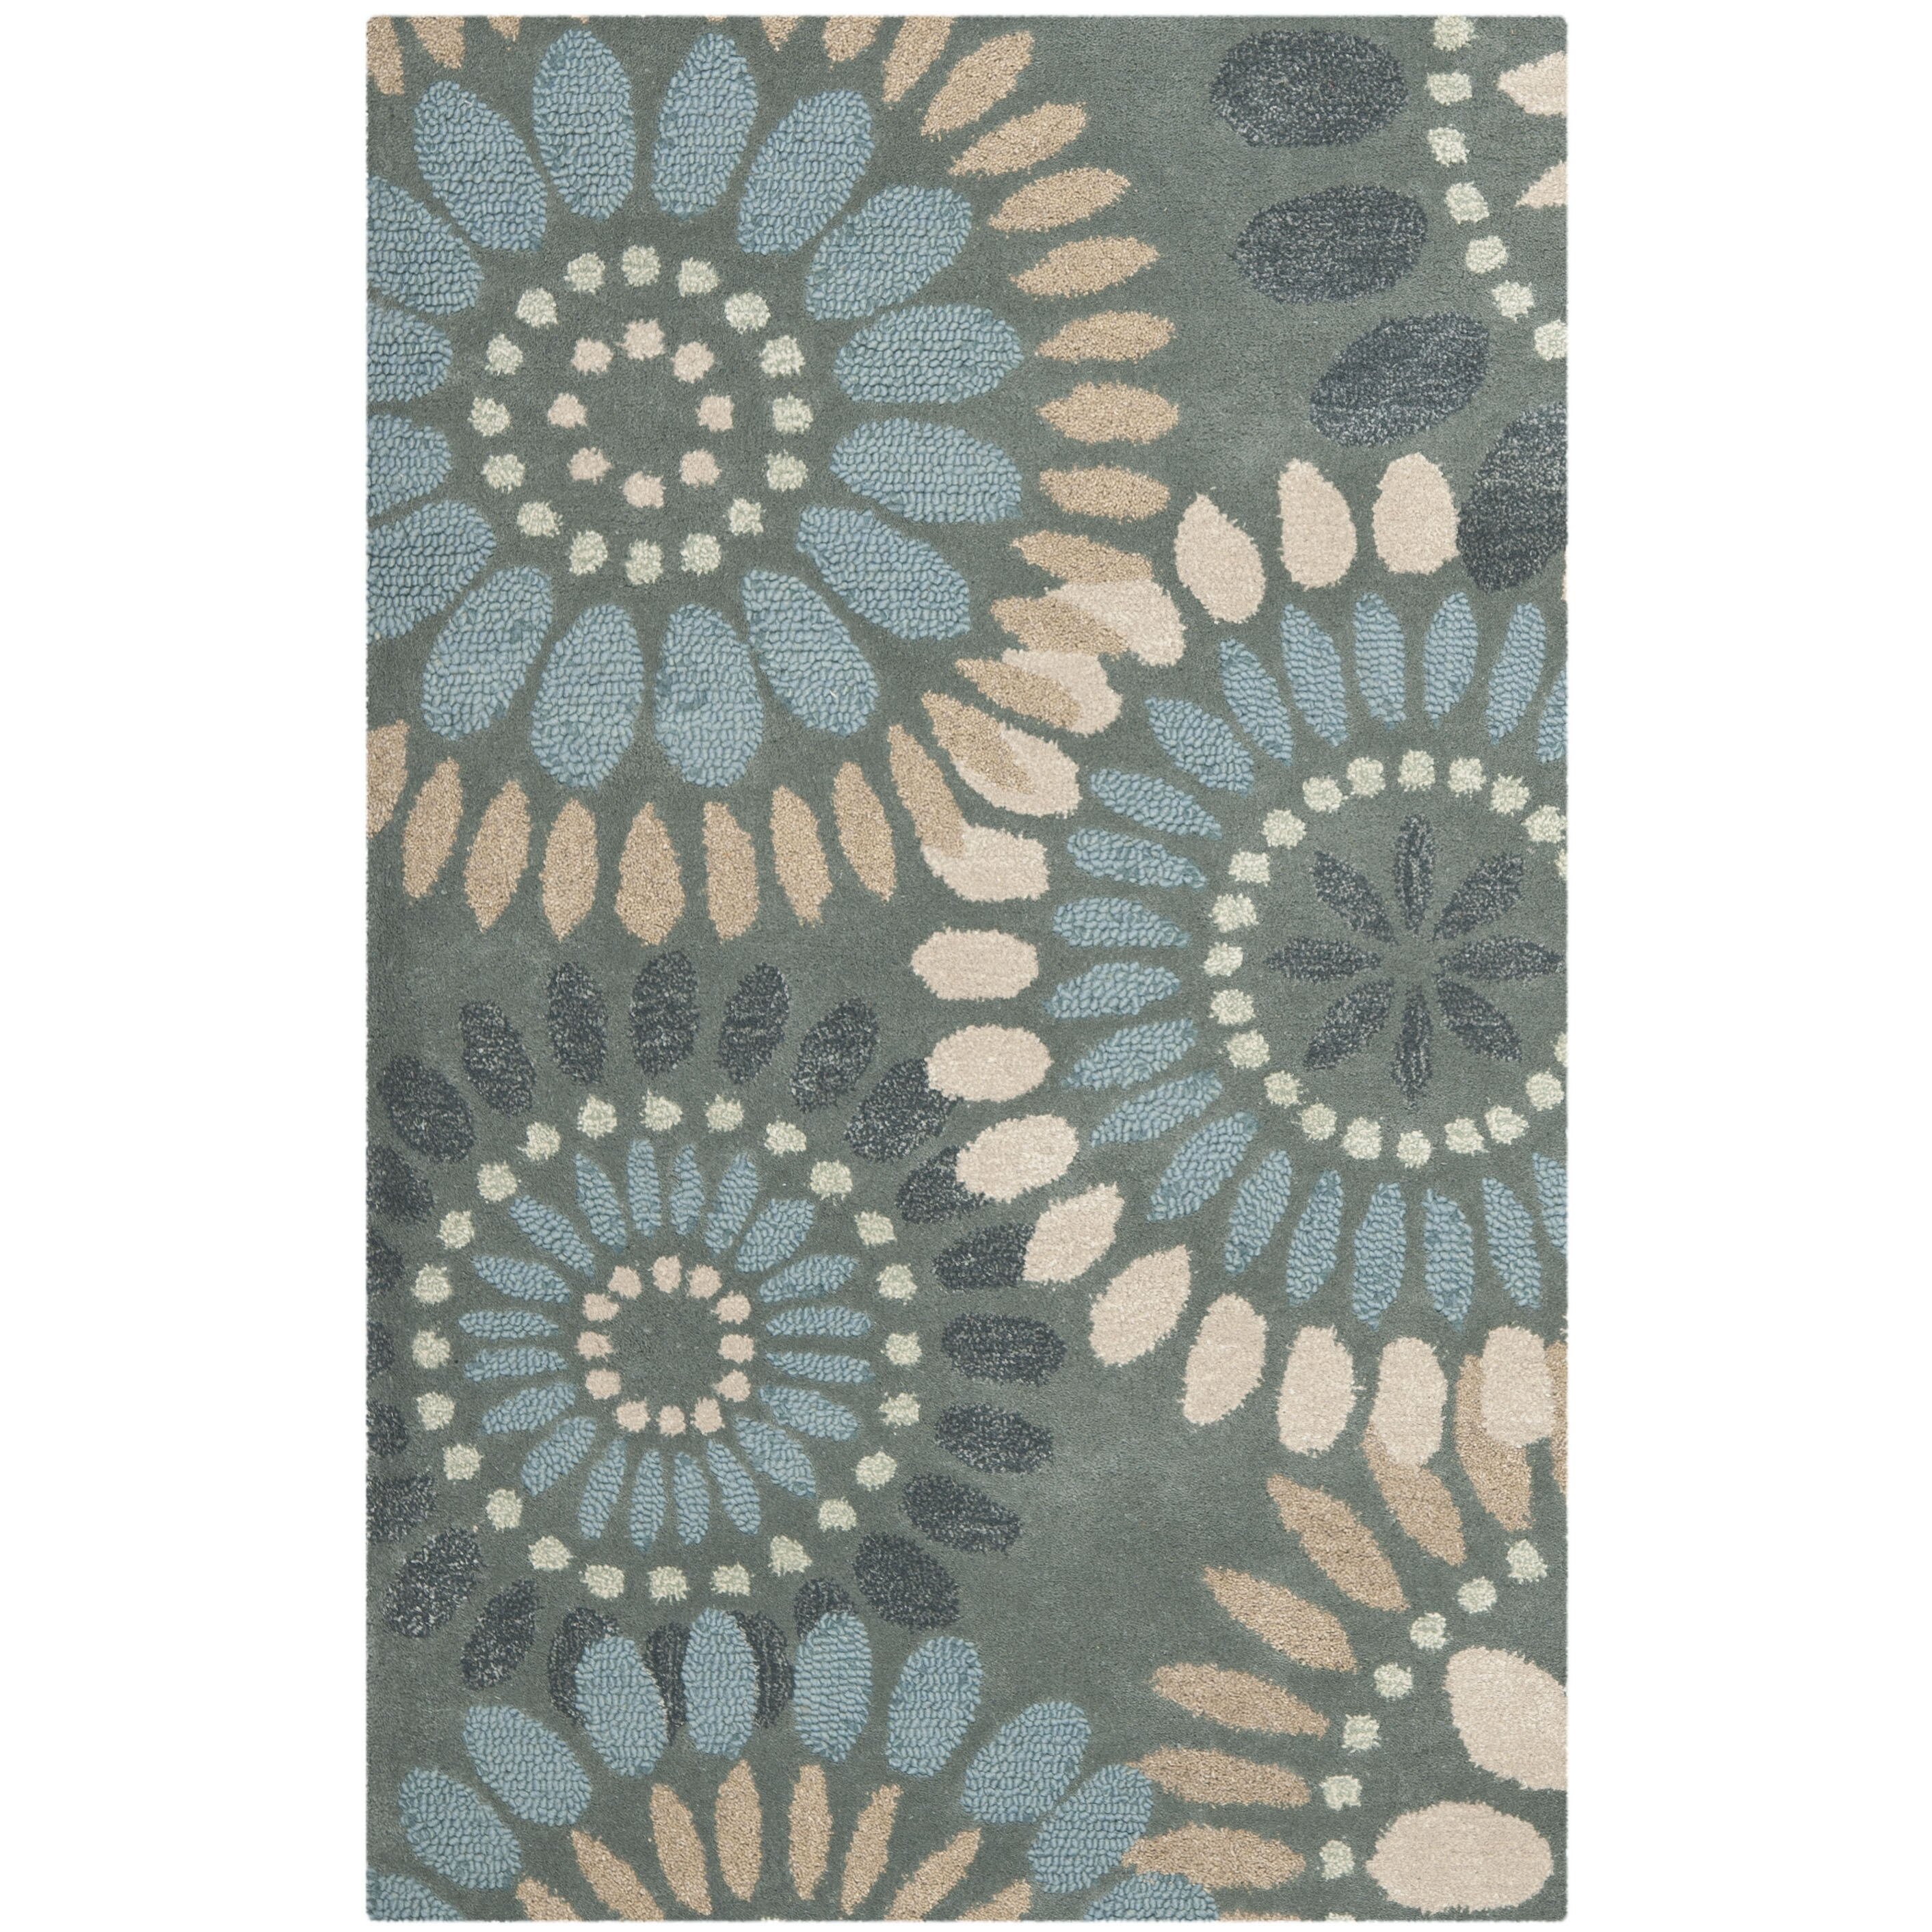 safavieh jardin grey blue floral area rug reviews wayfair. Black Bedroom Furniture Sets. Home Design Ideas